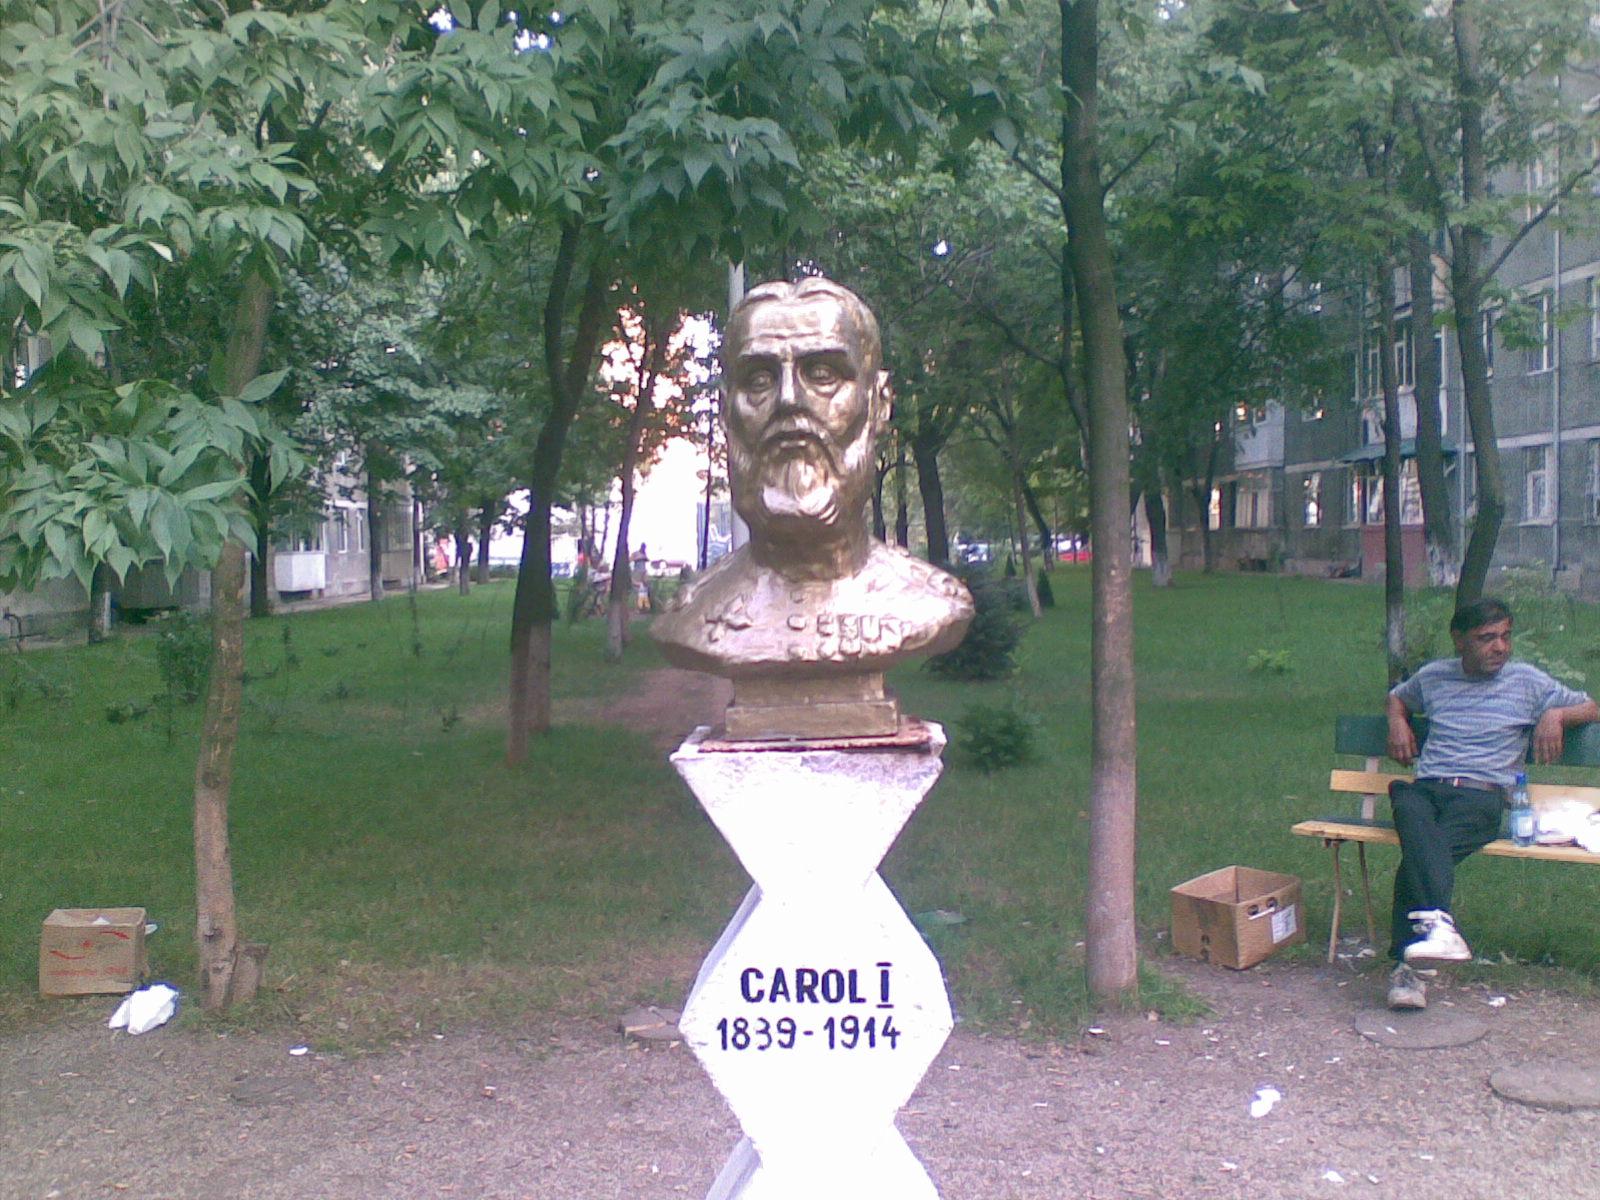 Fişier:Bust Carol I in Slatina.jpg